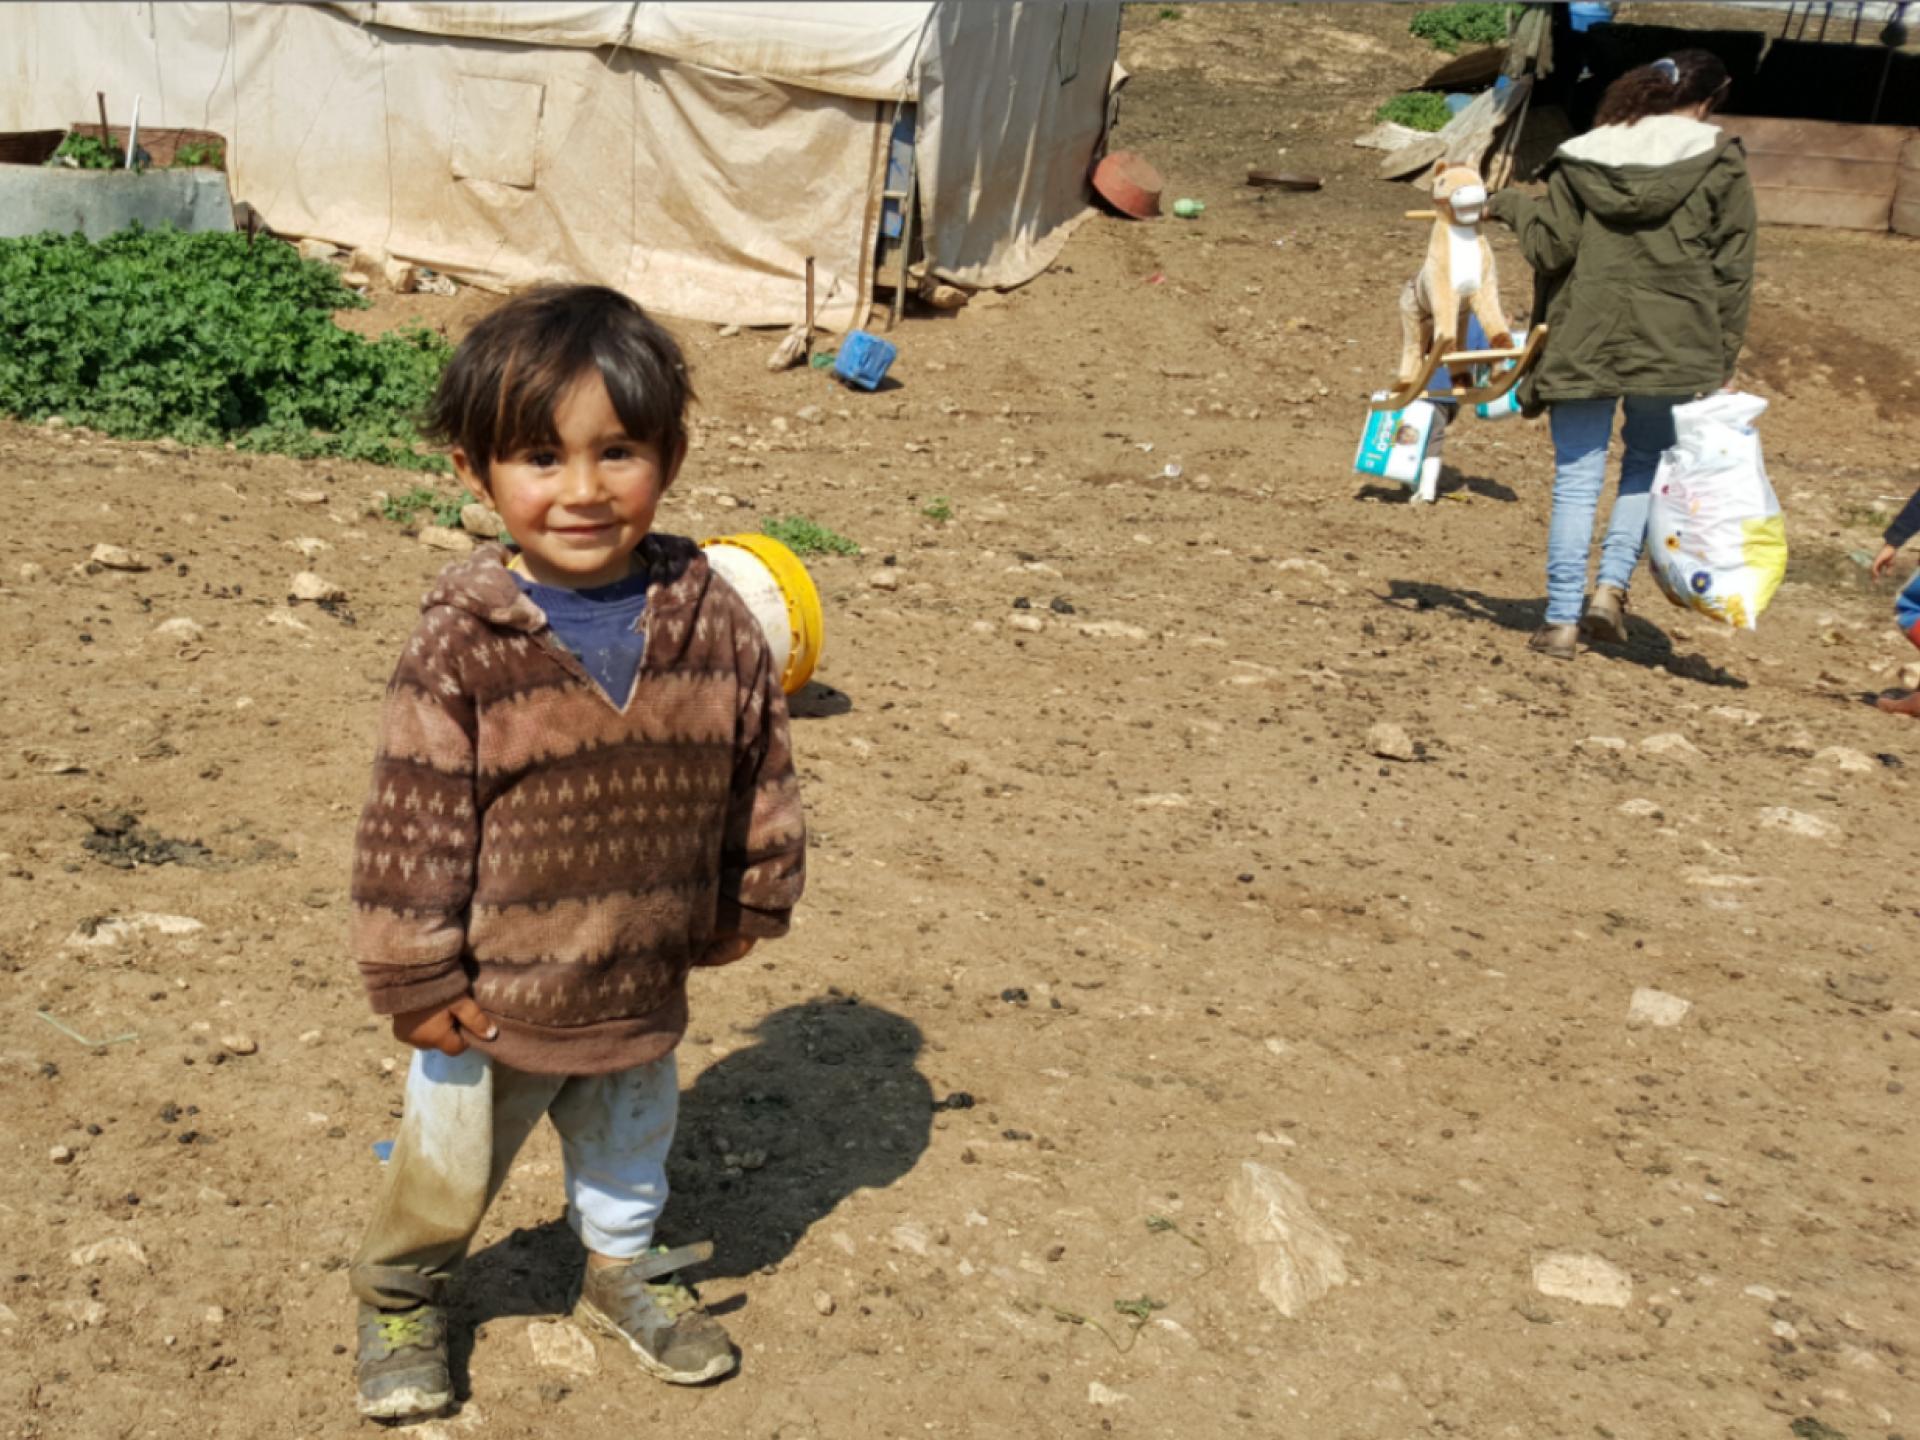 רואים ילד קטן מקבל משלחת של נשים שמביאות מתנות לכבוד הרמדאן